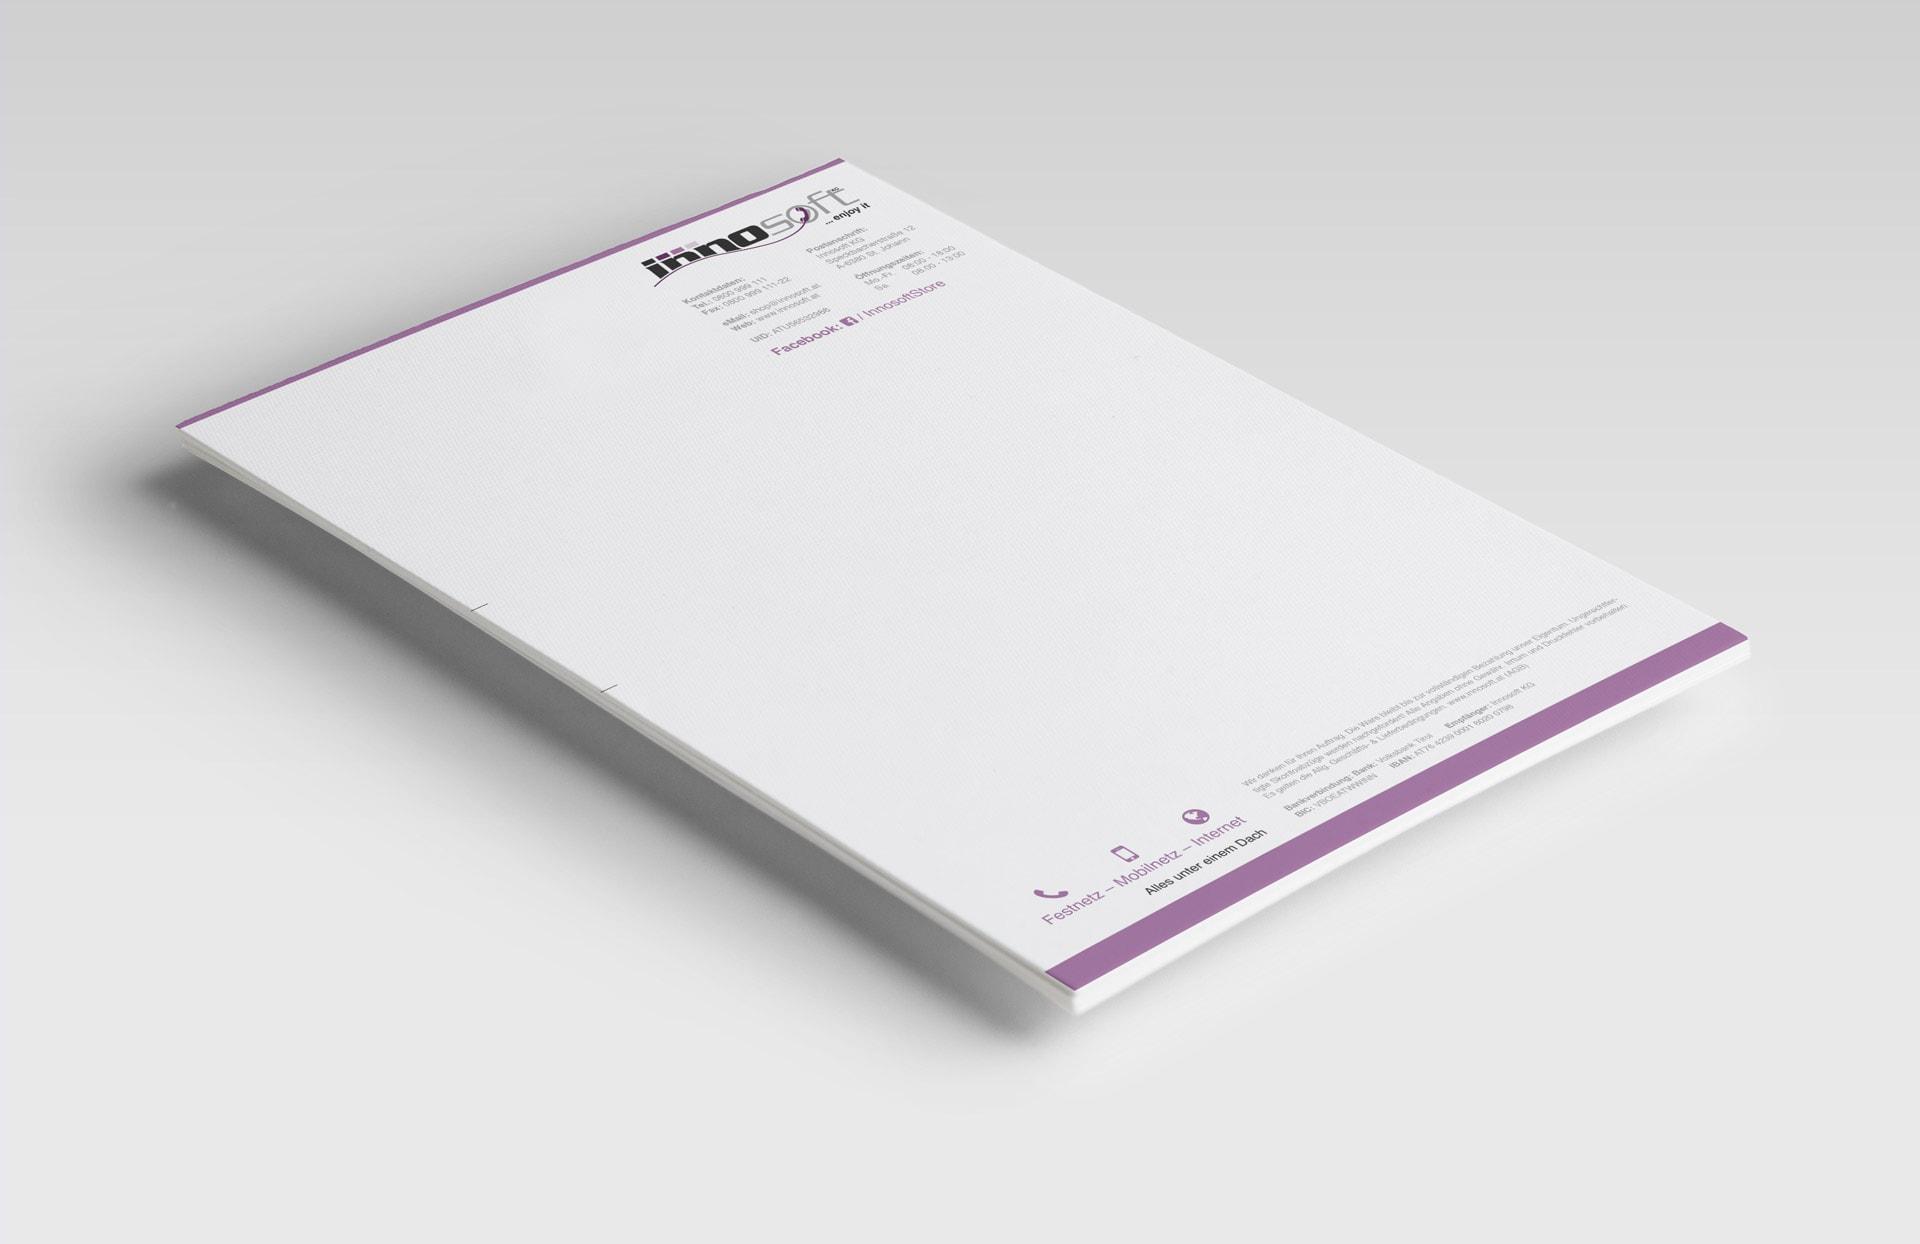 Innosoft KG Briefpapier